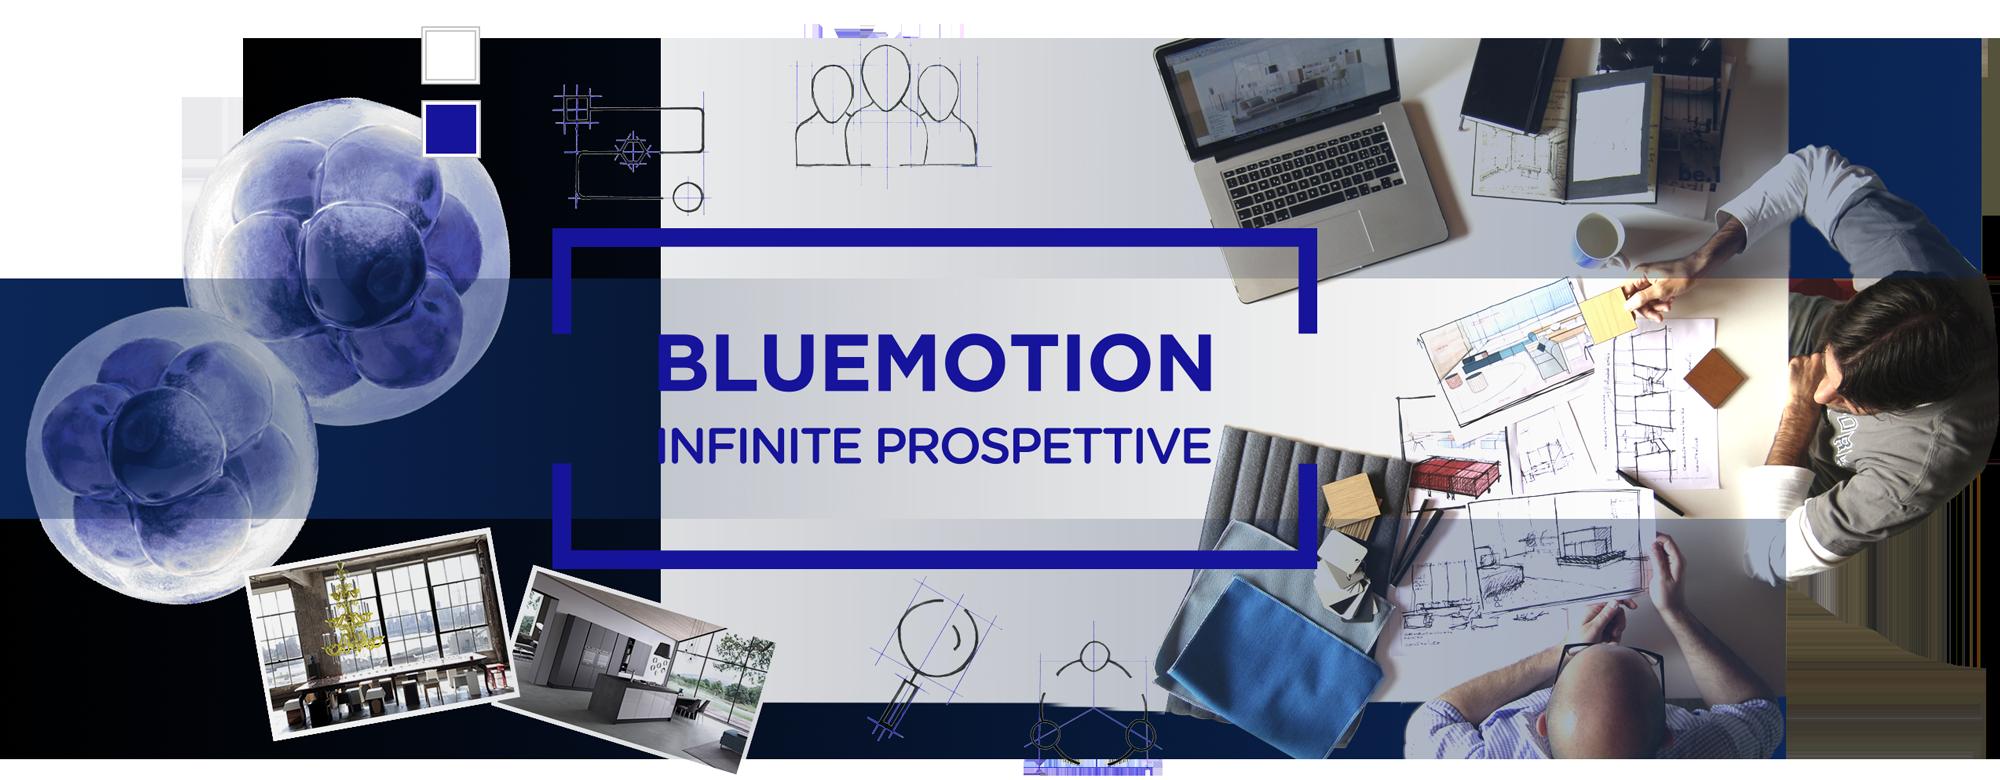 Restyling del marchio e progettazione dell'immagine aziendale per Bluemotion